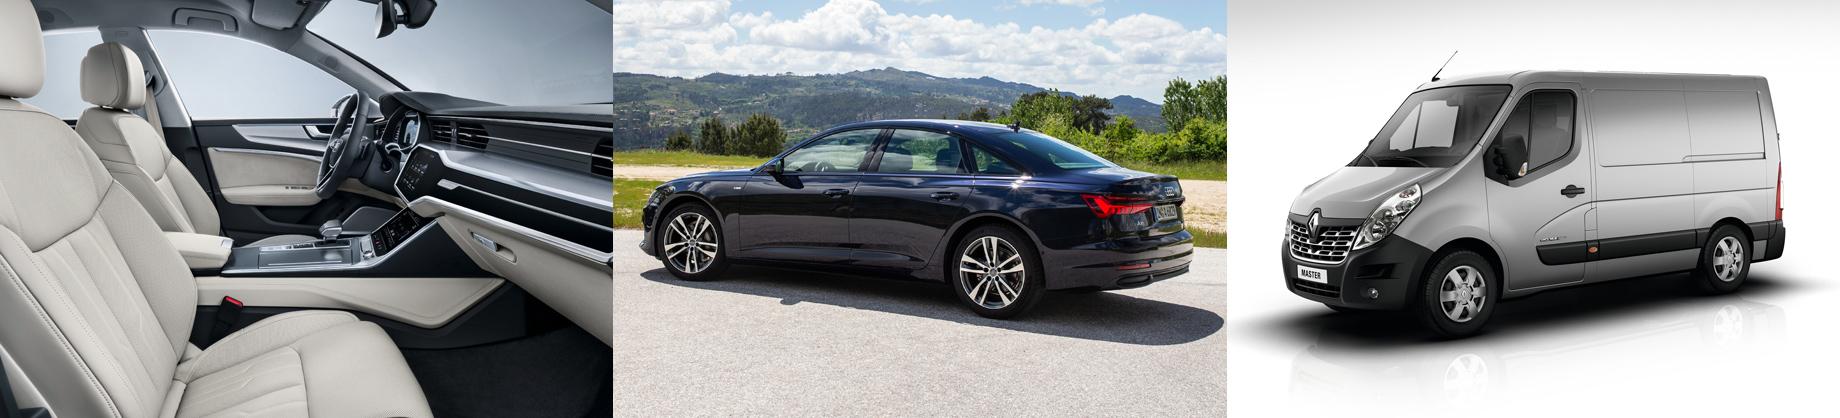 Audi, Mercedes, Renault и Volkswagen позвали модели на ремонт